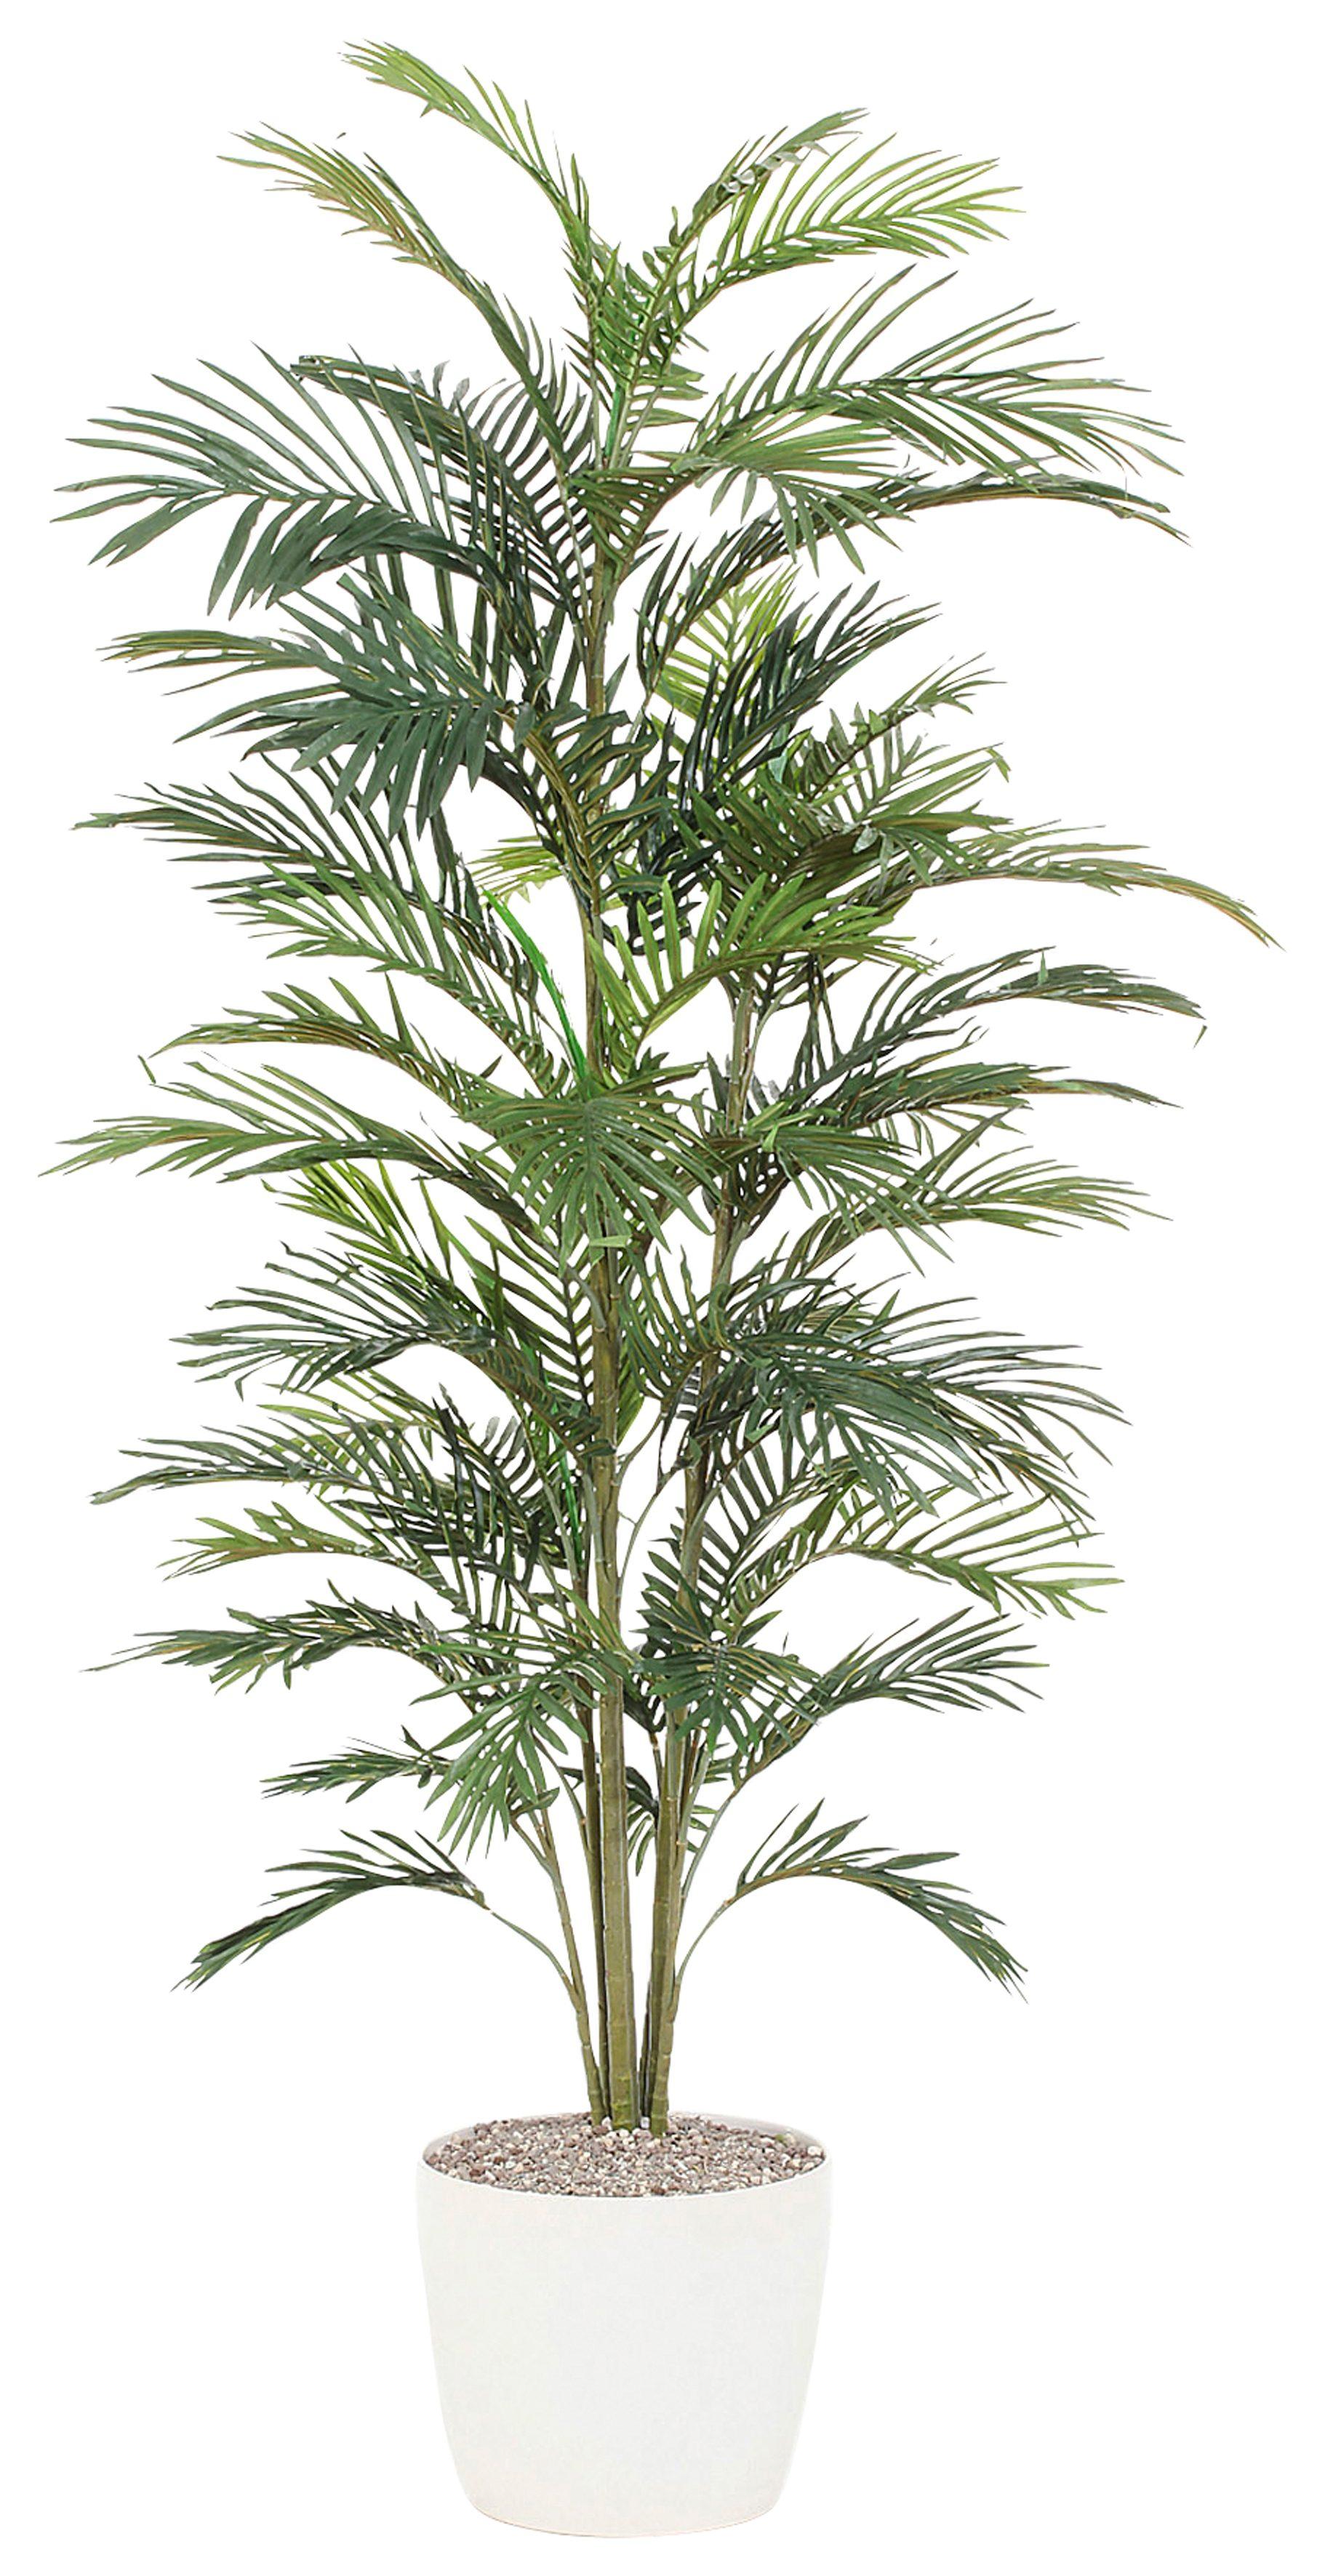 Home affaire Kunstpflanze »Palme«, ca. 120 cm hoch